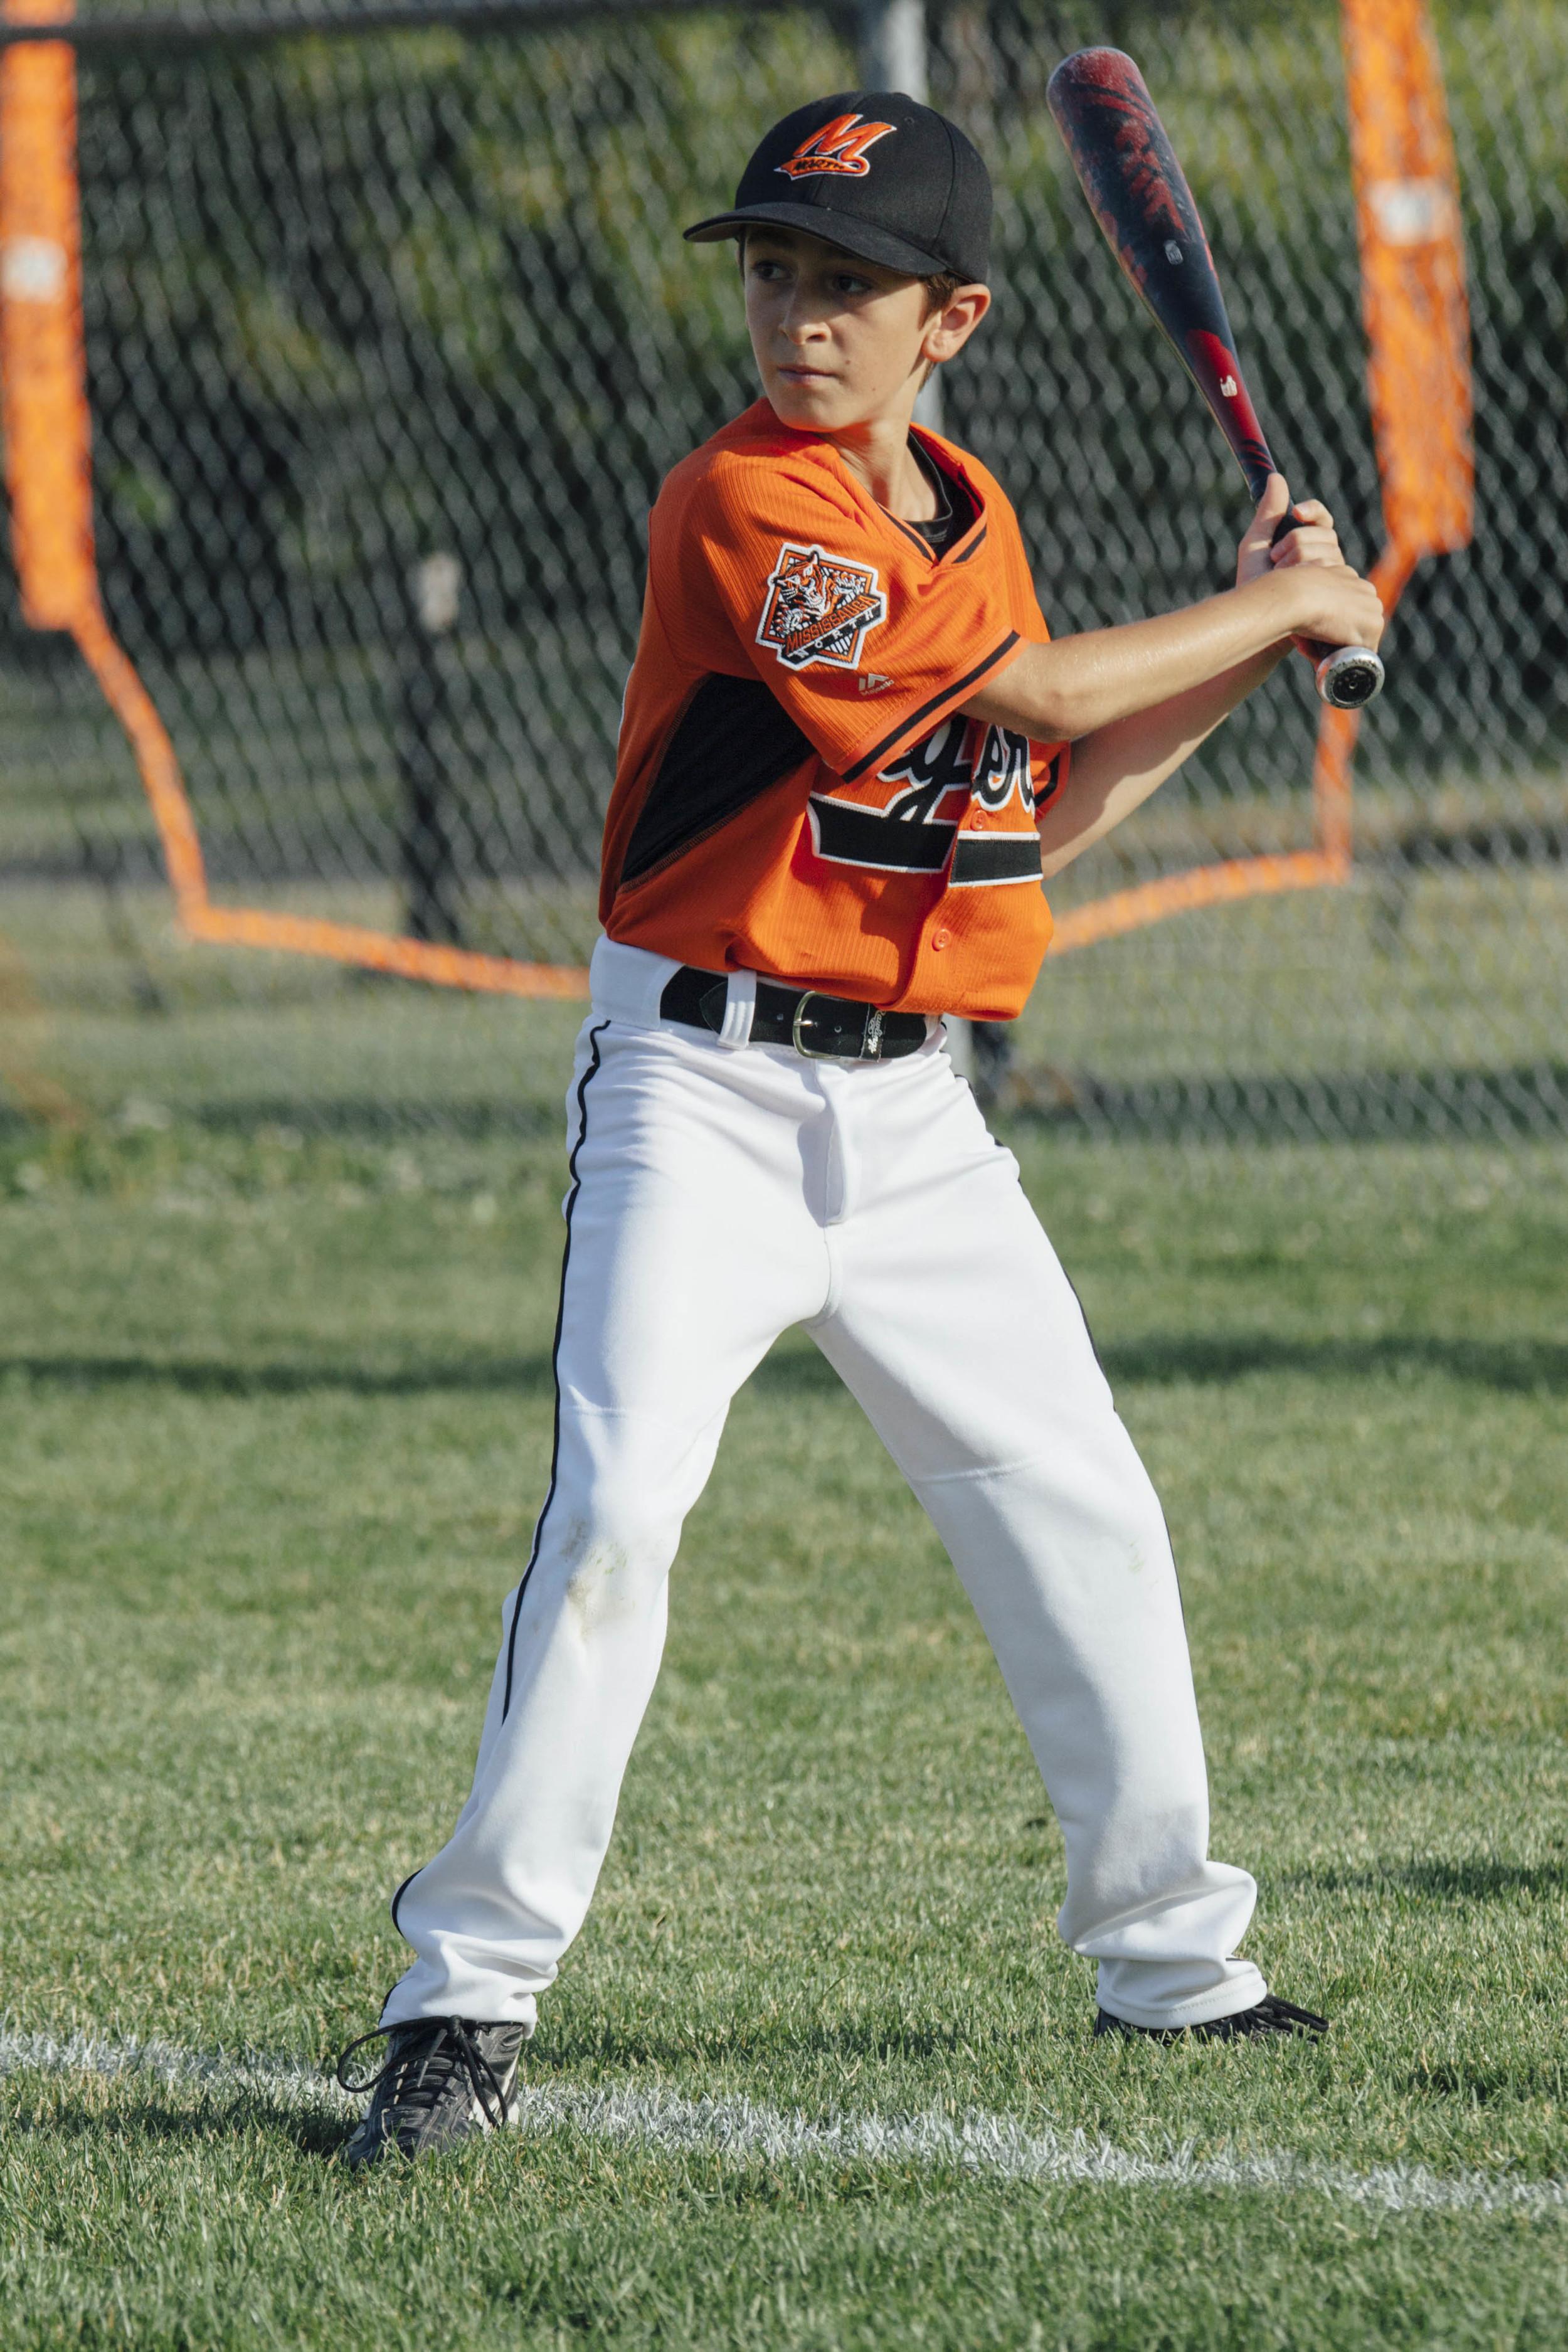 vsco edit baseball photos-36.jpg